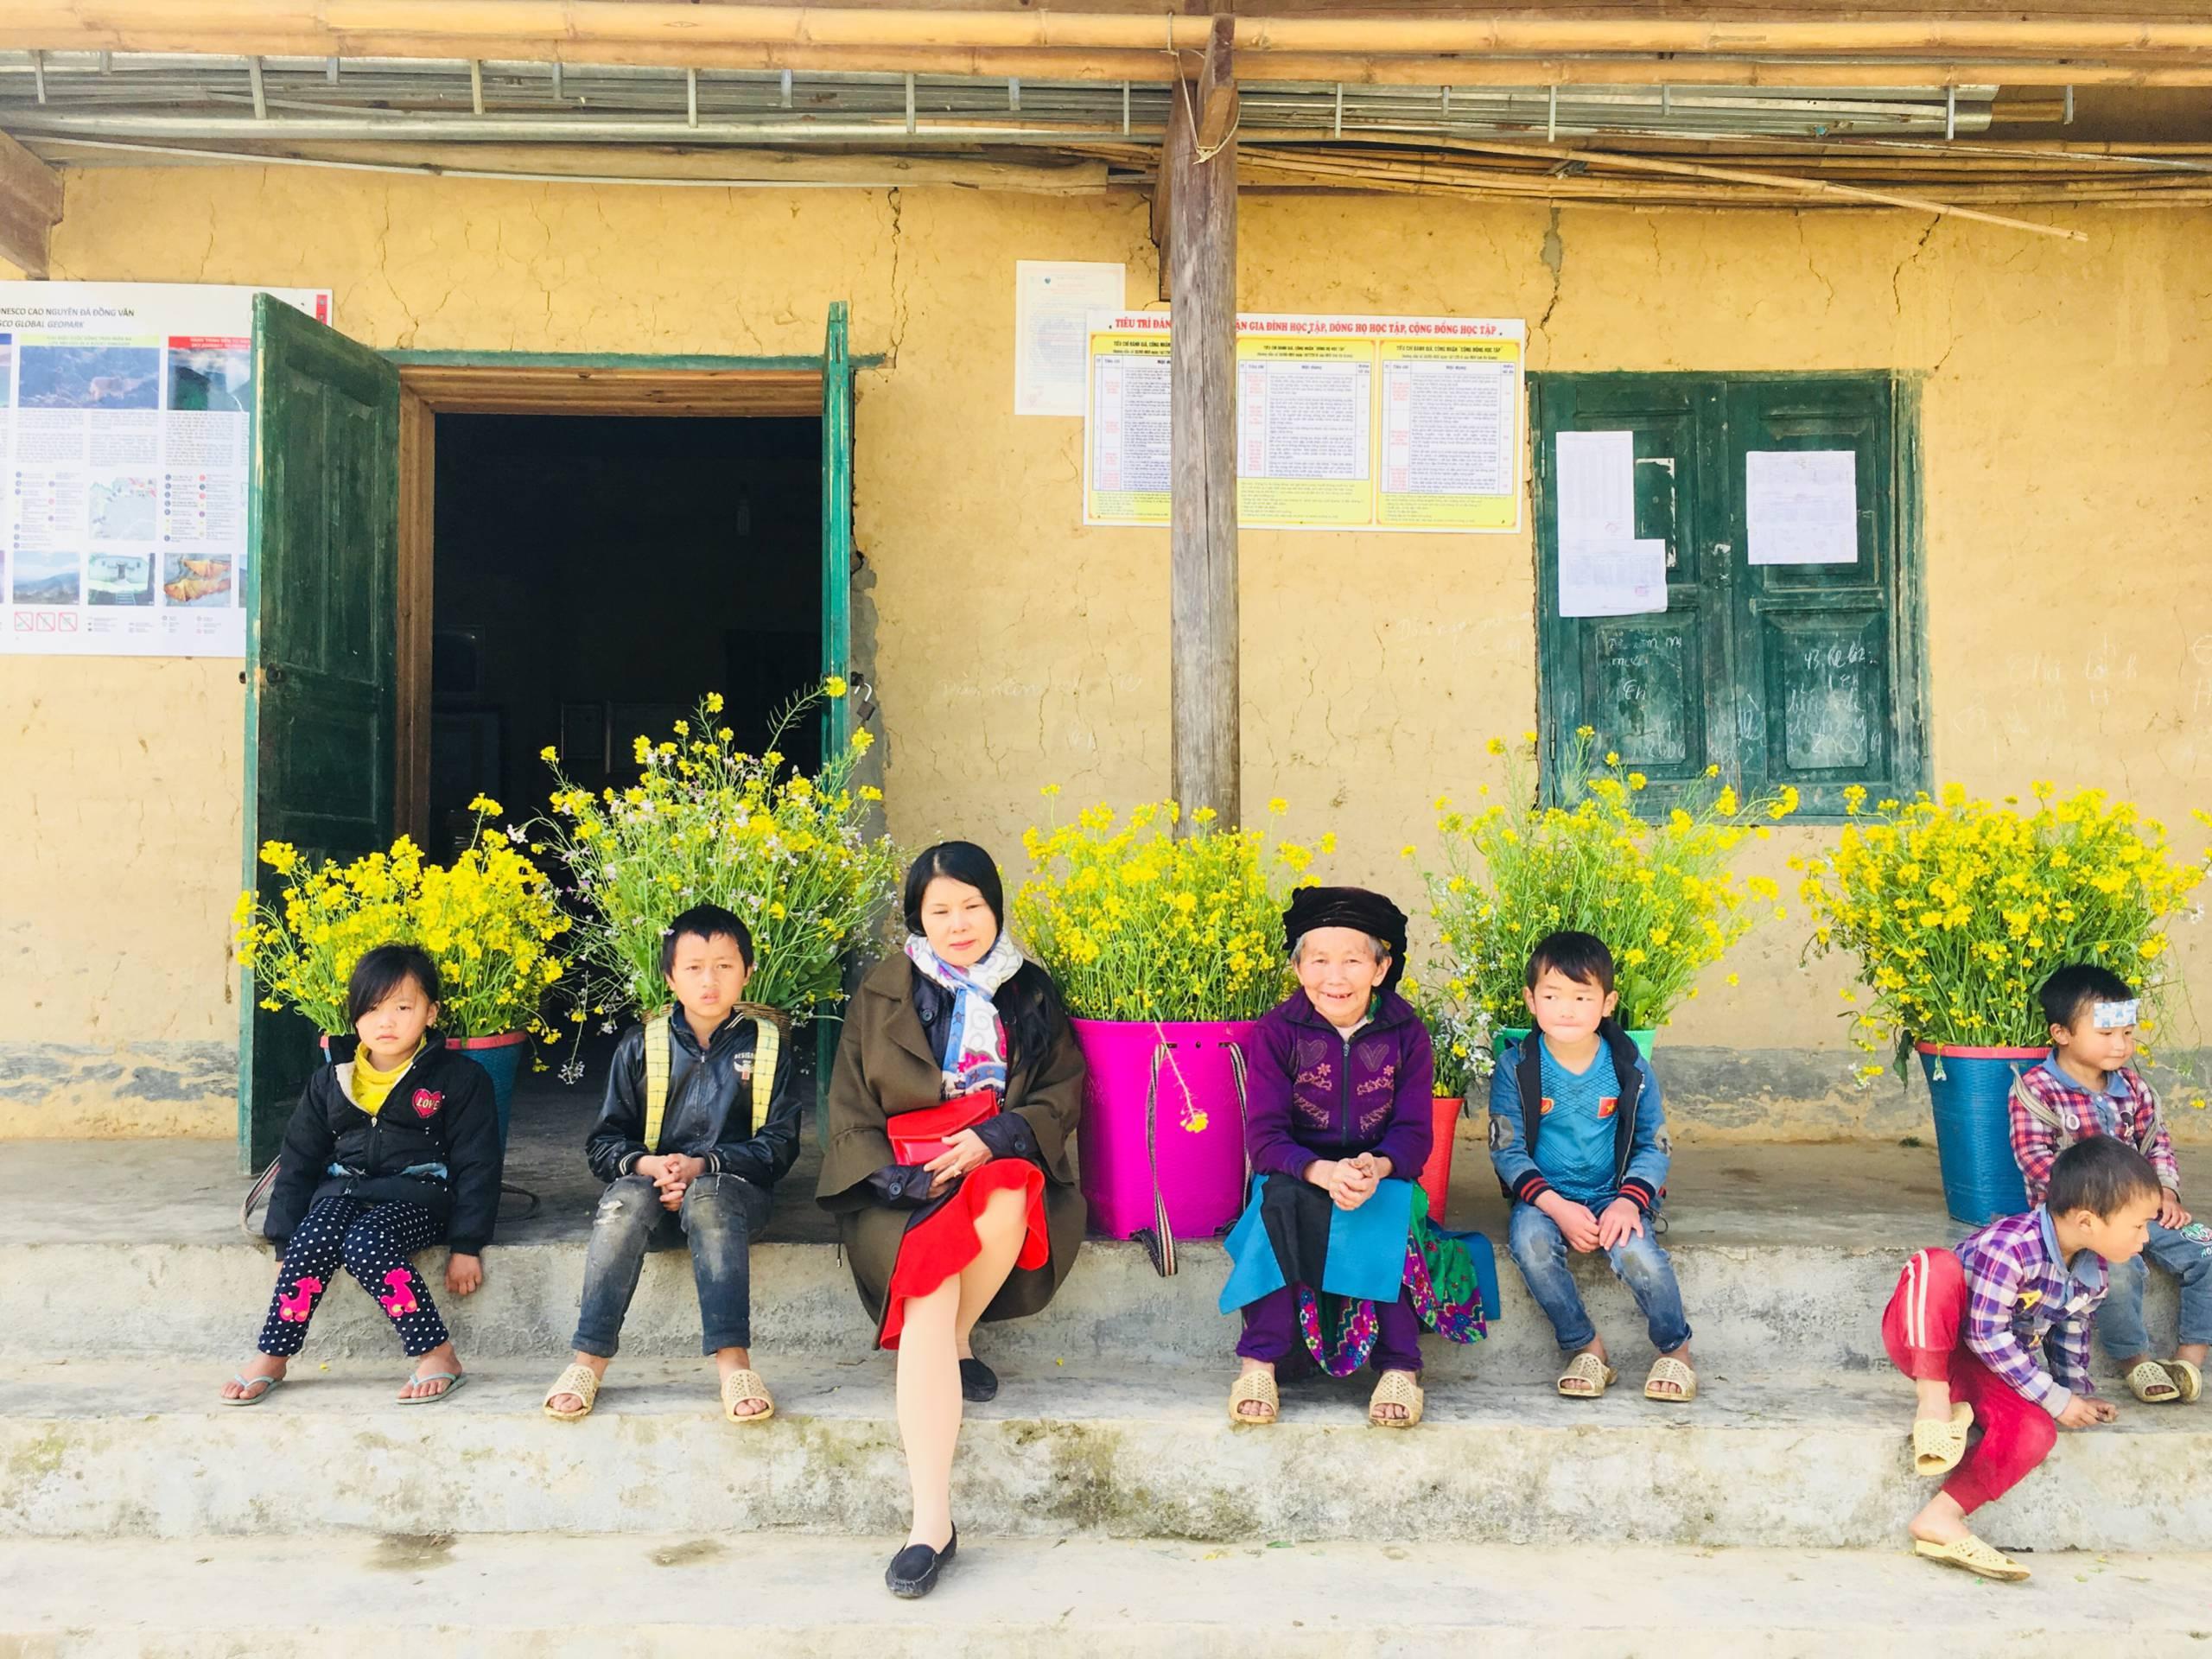 Khám Phá Hà Giang Dịp 30/4 Hành Trình Hà Nội - Hà Giang - Quản Bạ - Đồng Văn - Cột Cờ Lũng Cú